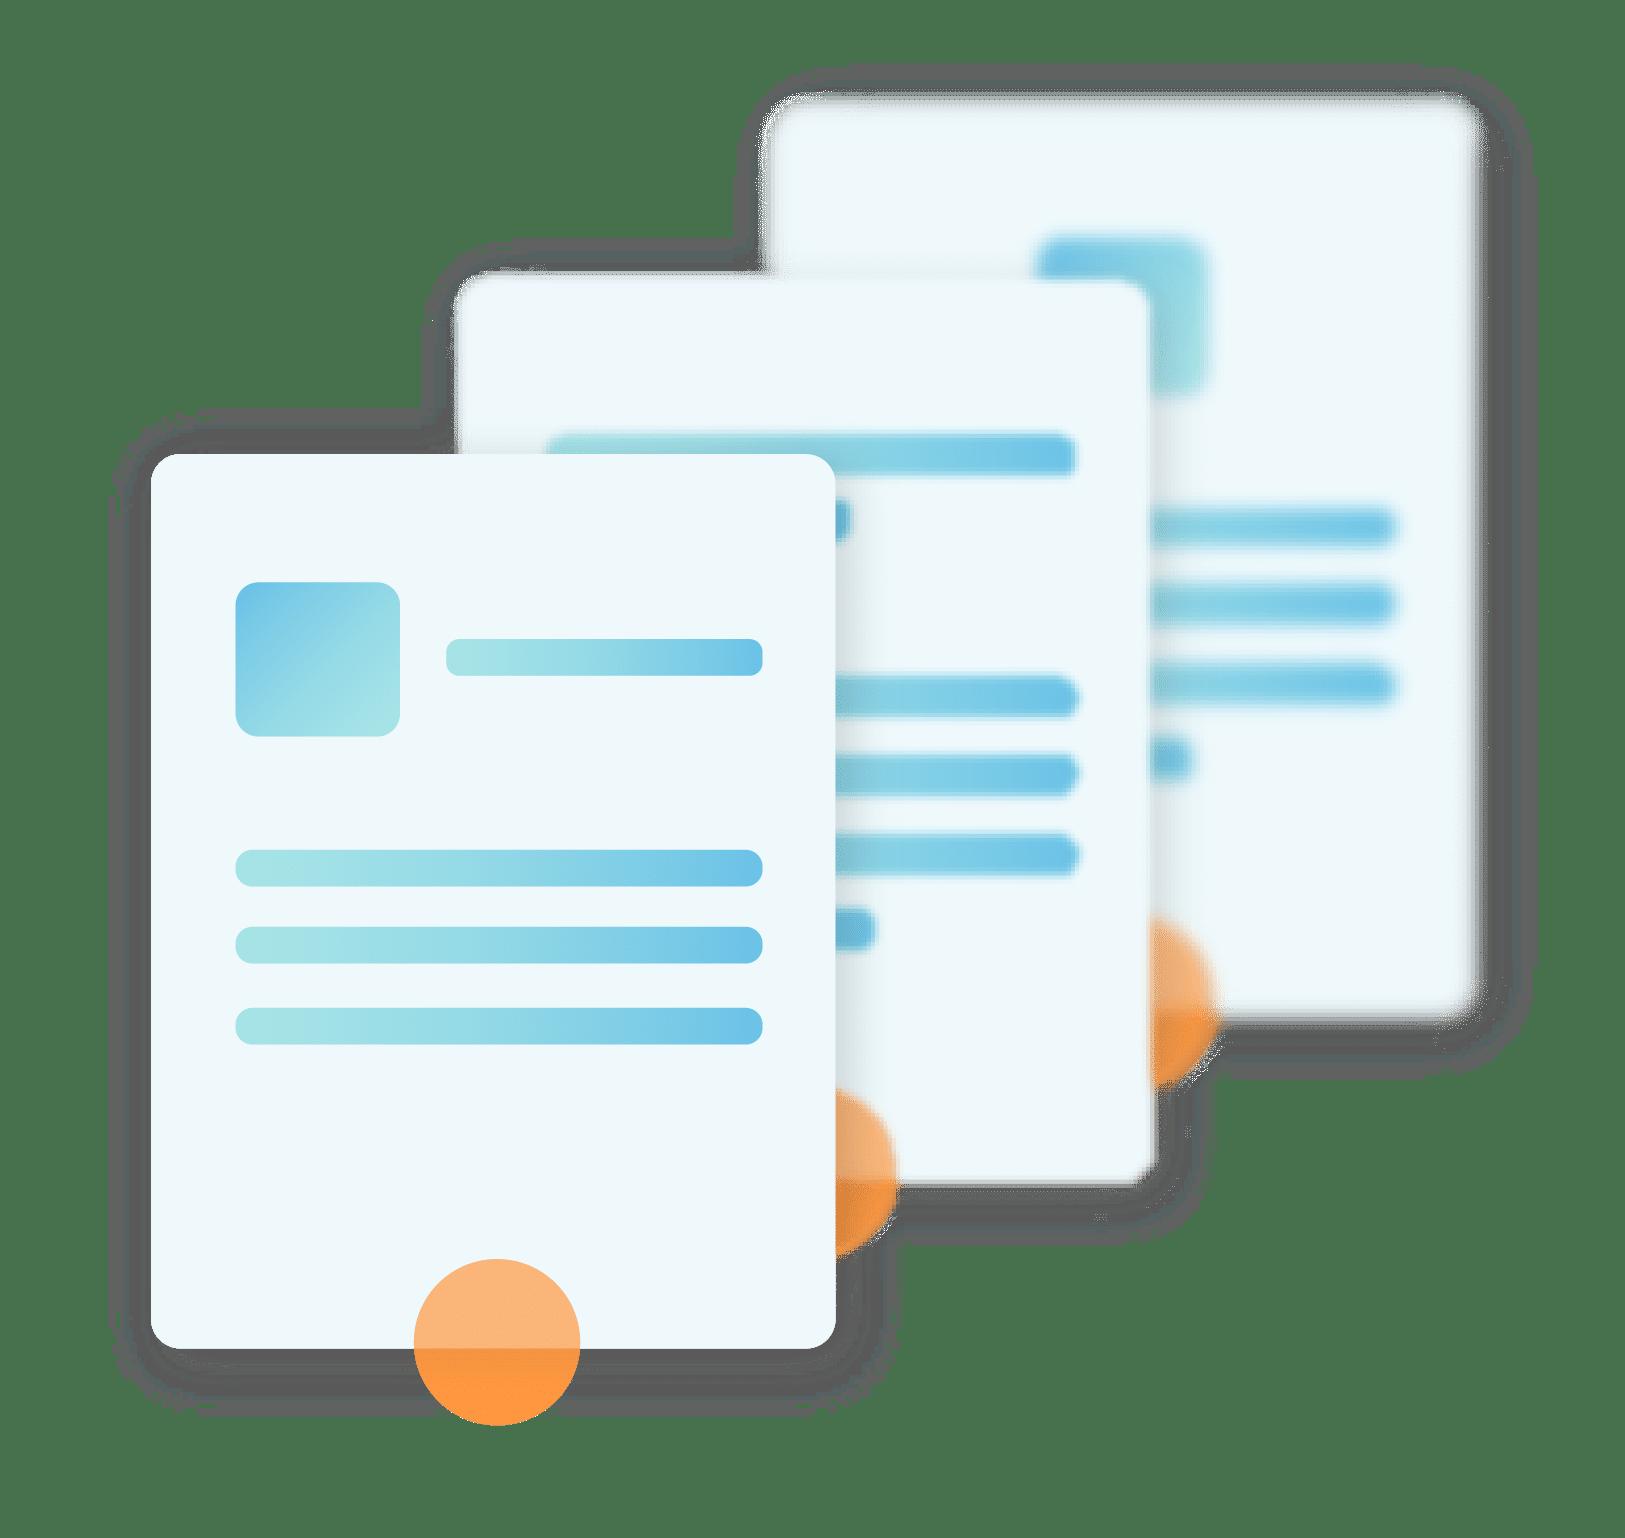 esempi di curriculum vitae che puoi creare online con jobiri